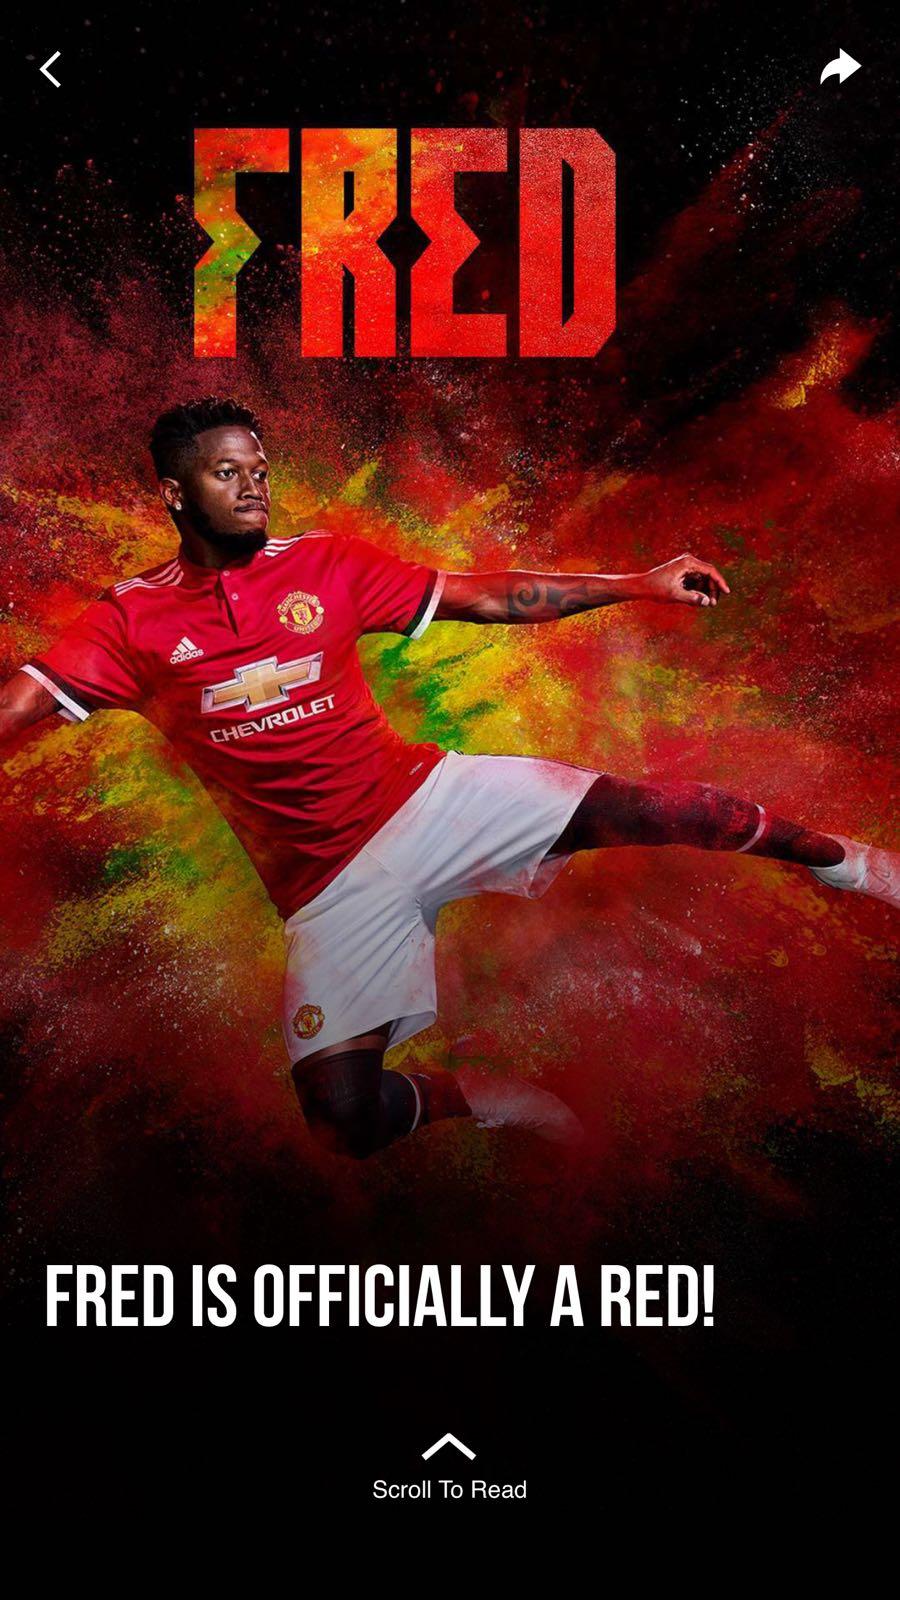 Breakit - Manchester United utvecklar supporterrelationer med en digital plattform som tagits fram i samarbete med HCL Technologies